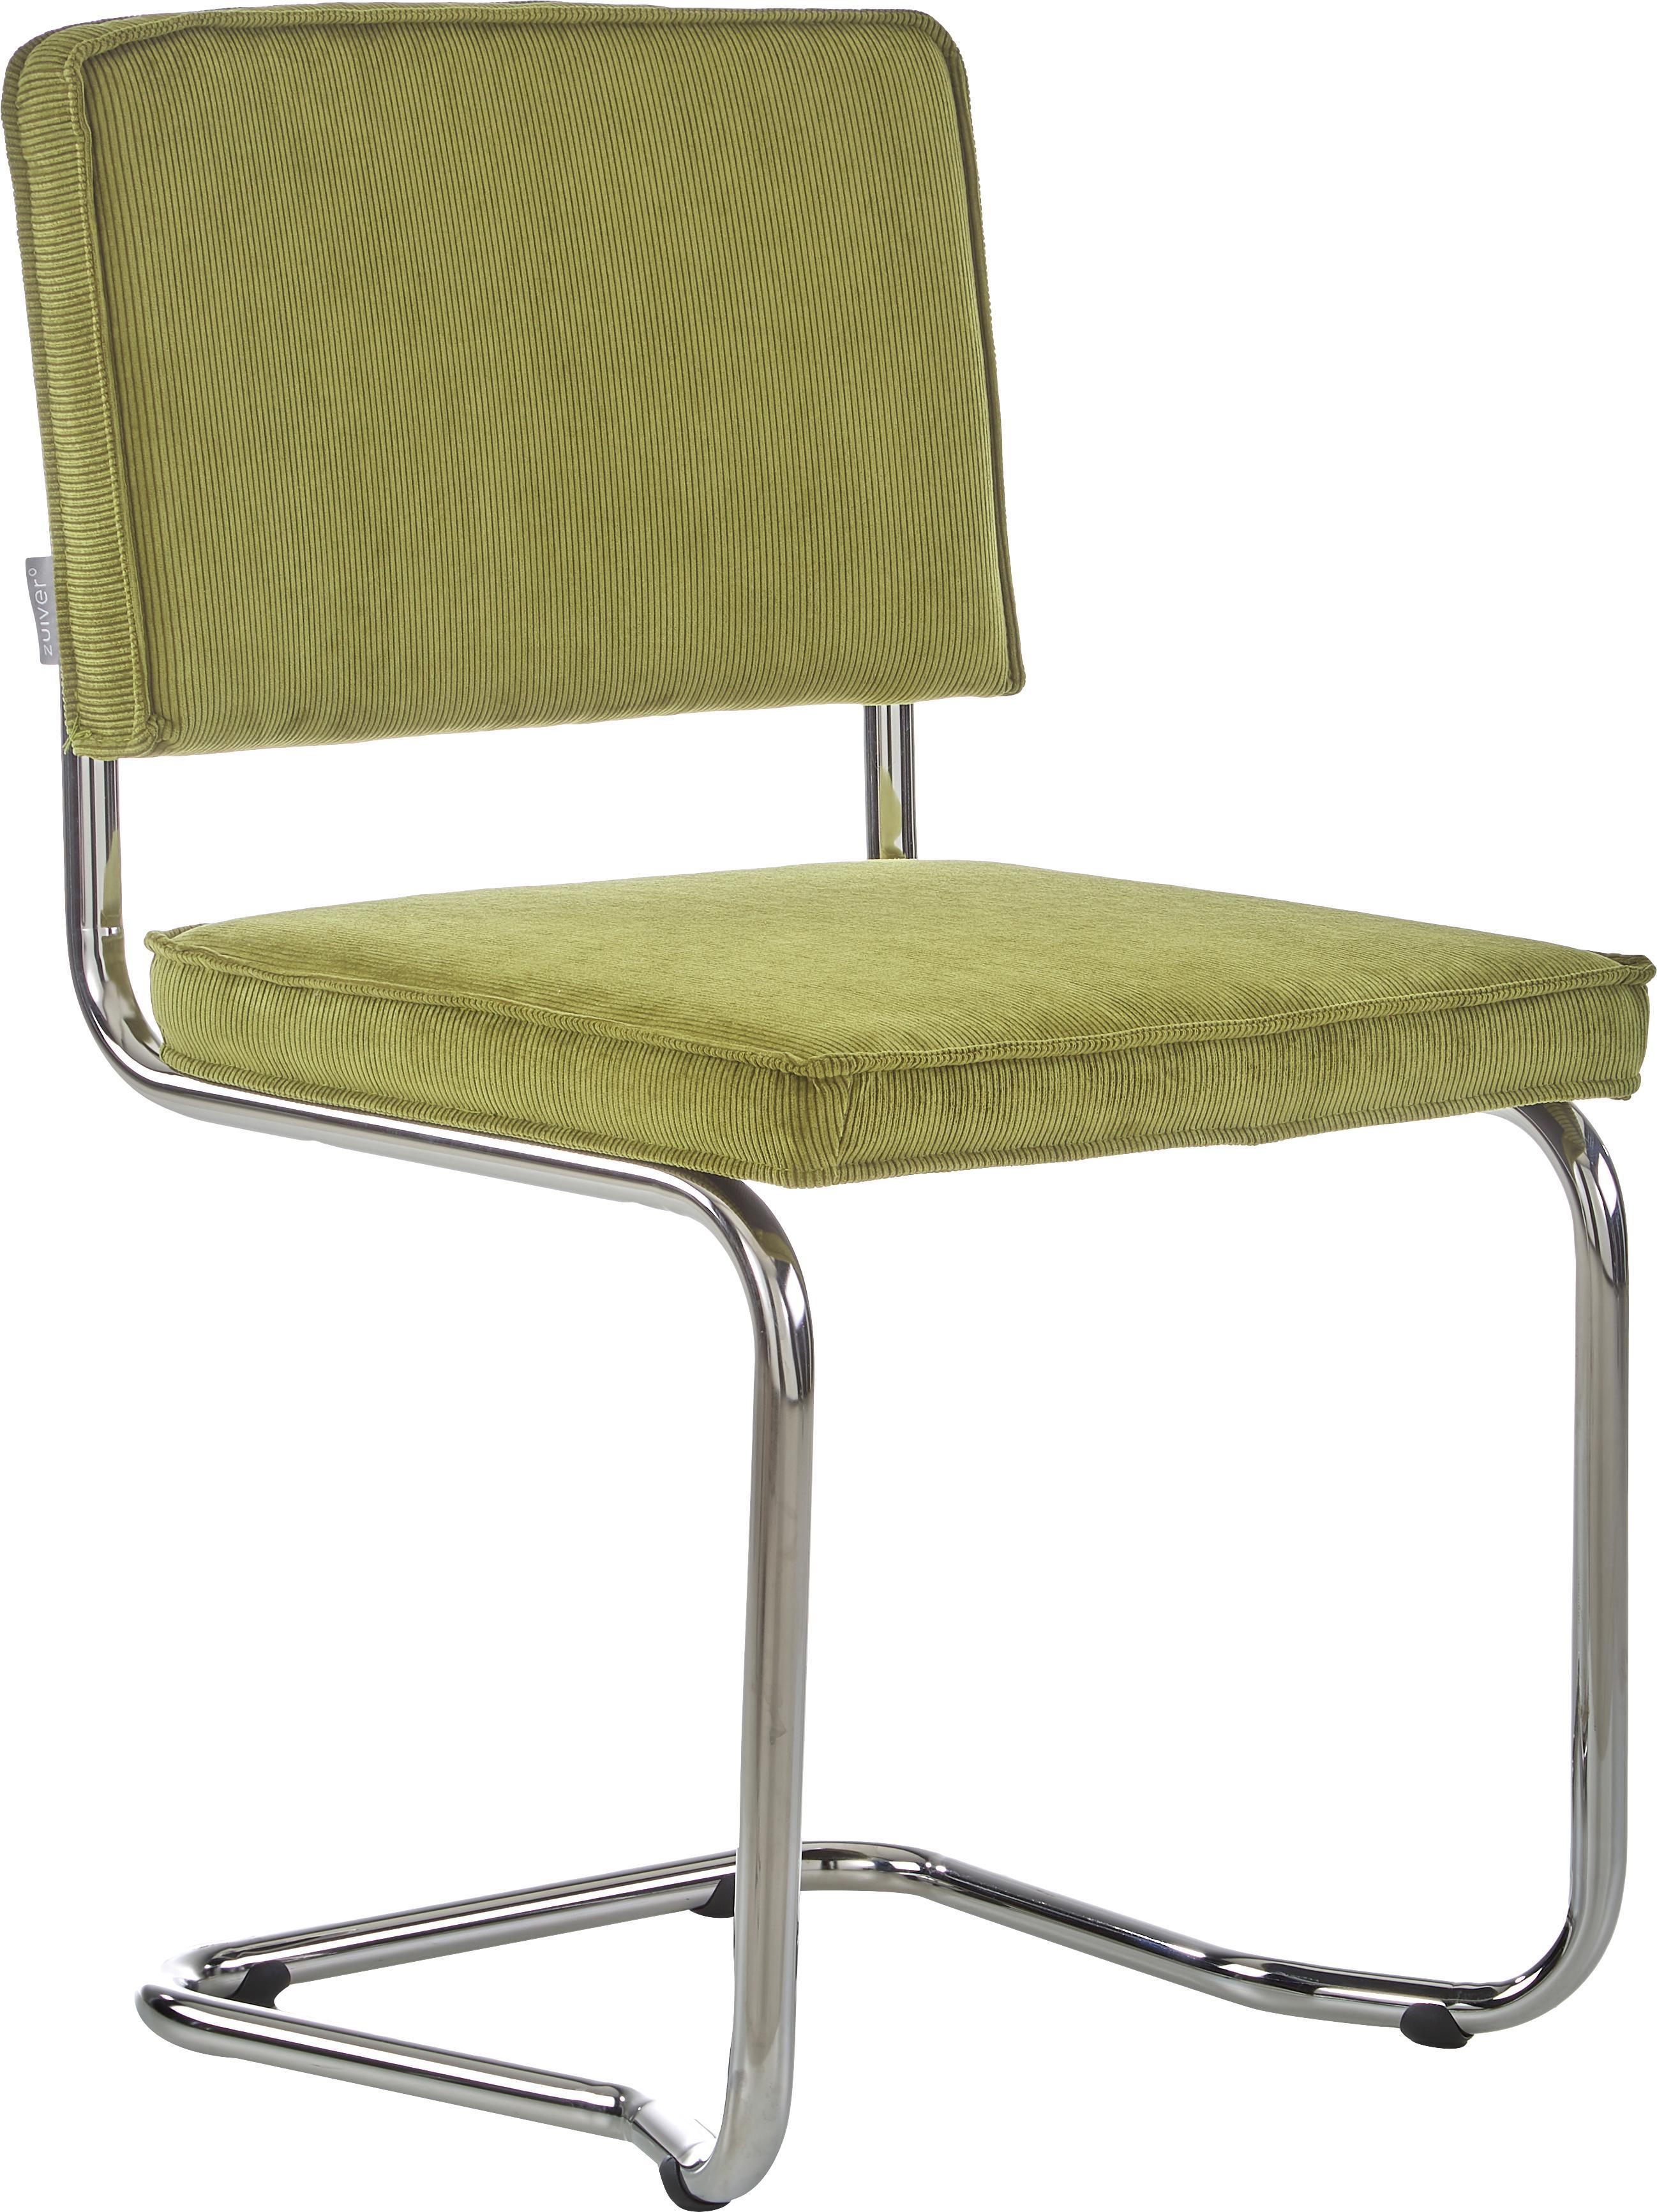 Sedia cantilever Ridge Kink Chair, Rivestimento: 88% nylon, 12% poliestere, Struttura: metallo cromato Il rivest, Verde, Larg. 48 x Prof. 48 cm